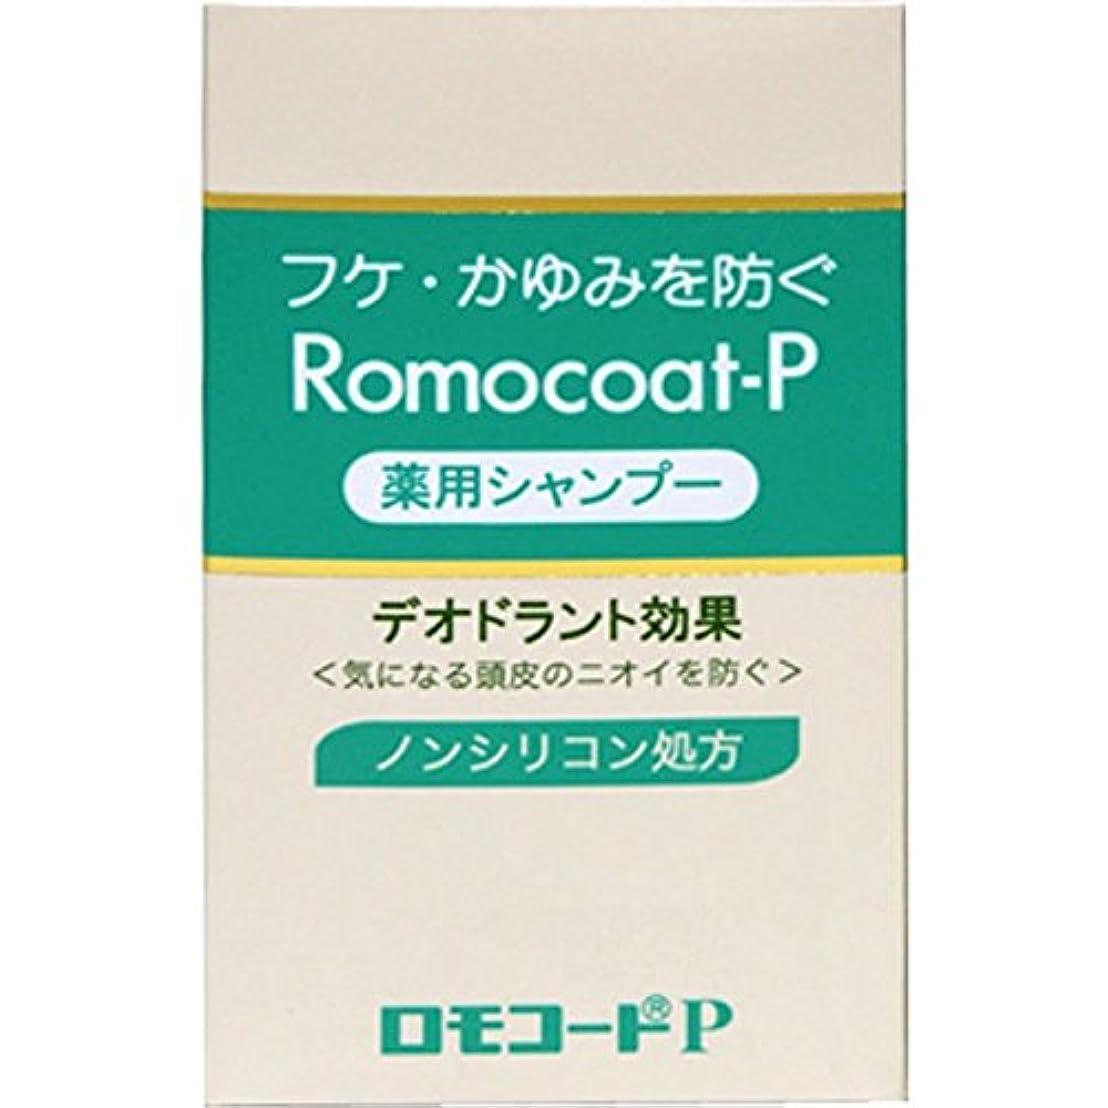 航空会社グリットパイプ全薬工業 ロモコートP 180ml (医薬部外品)